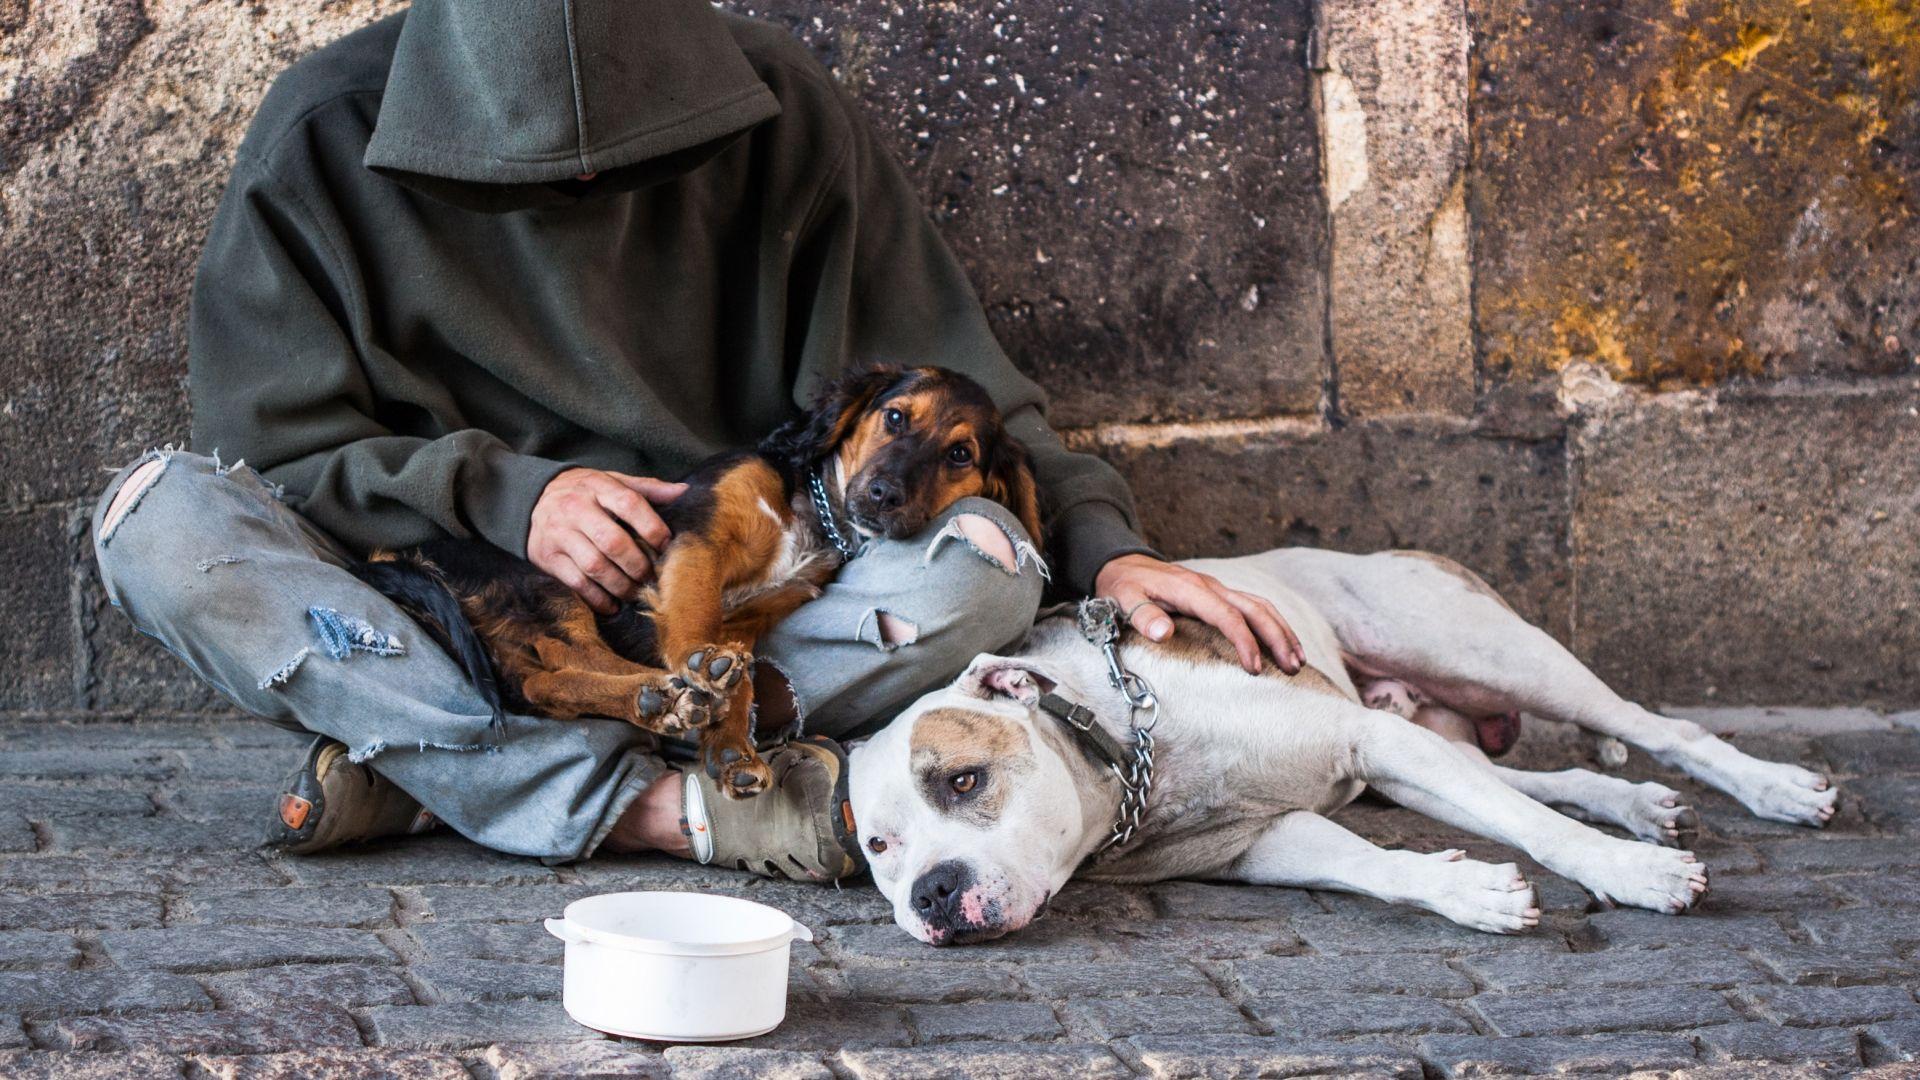 Забраниха на бездомниците в Унгария да спят в обществени пространства